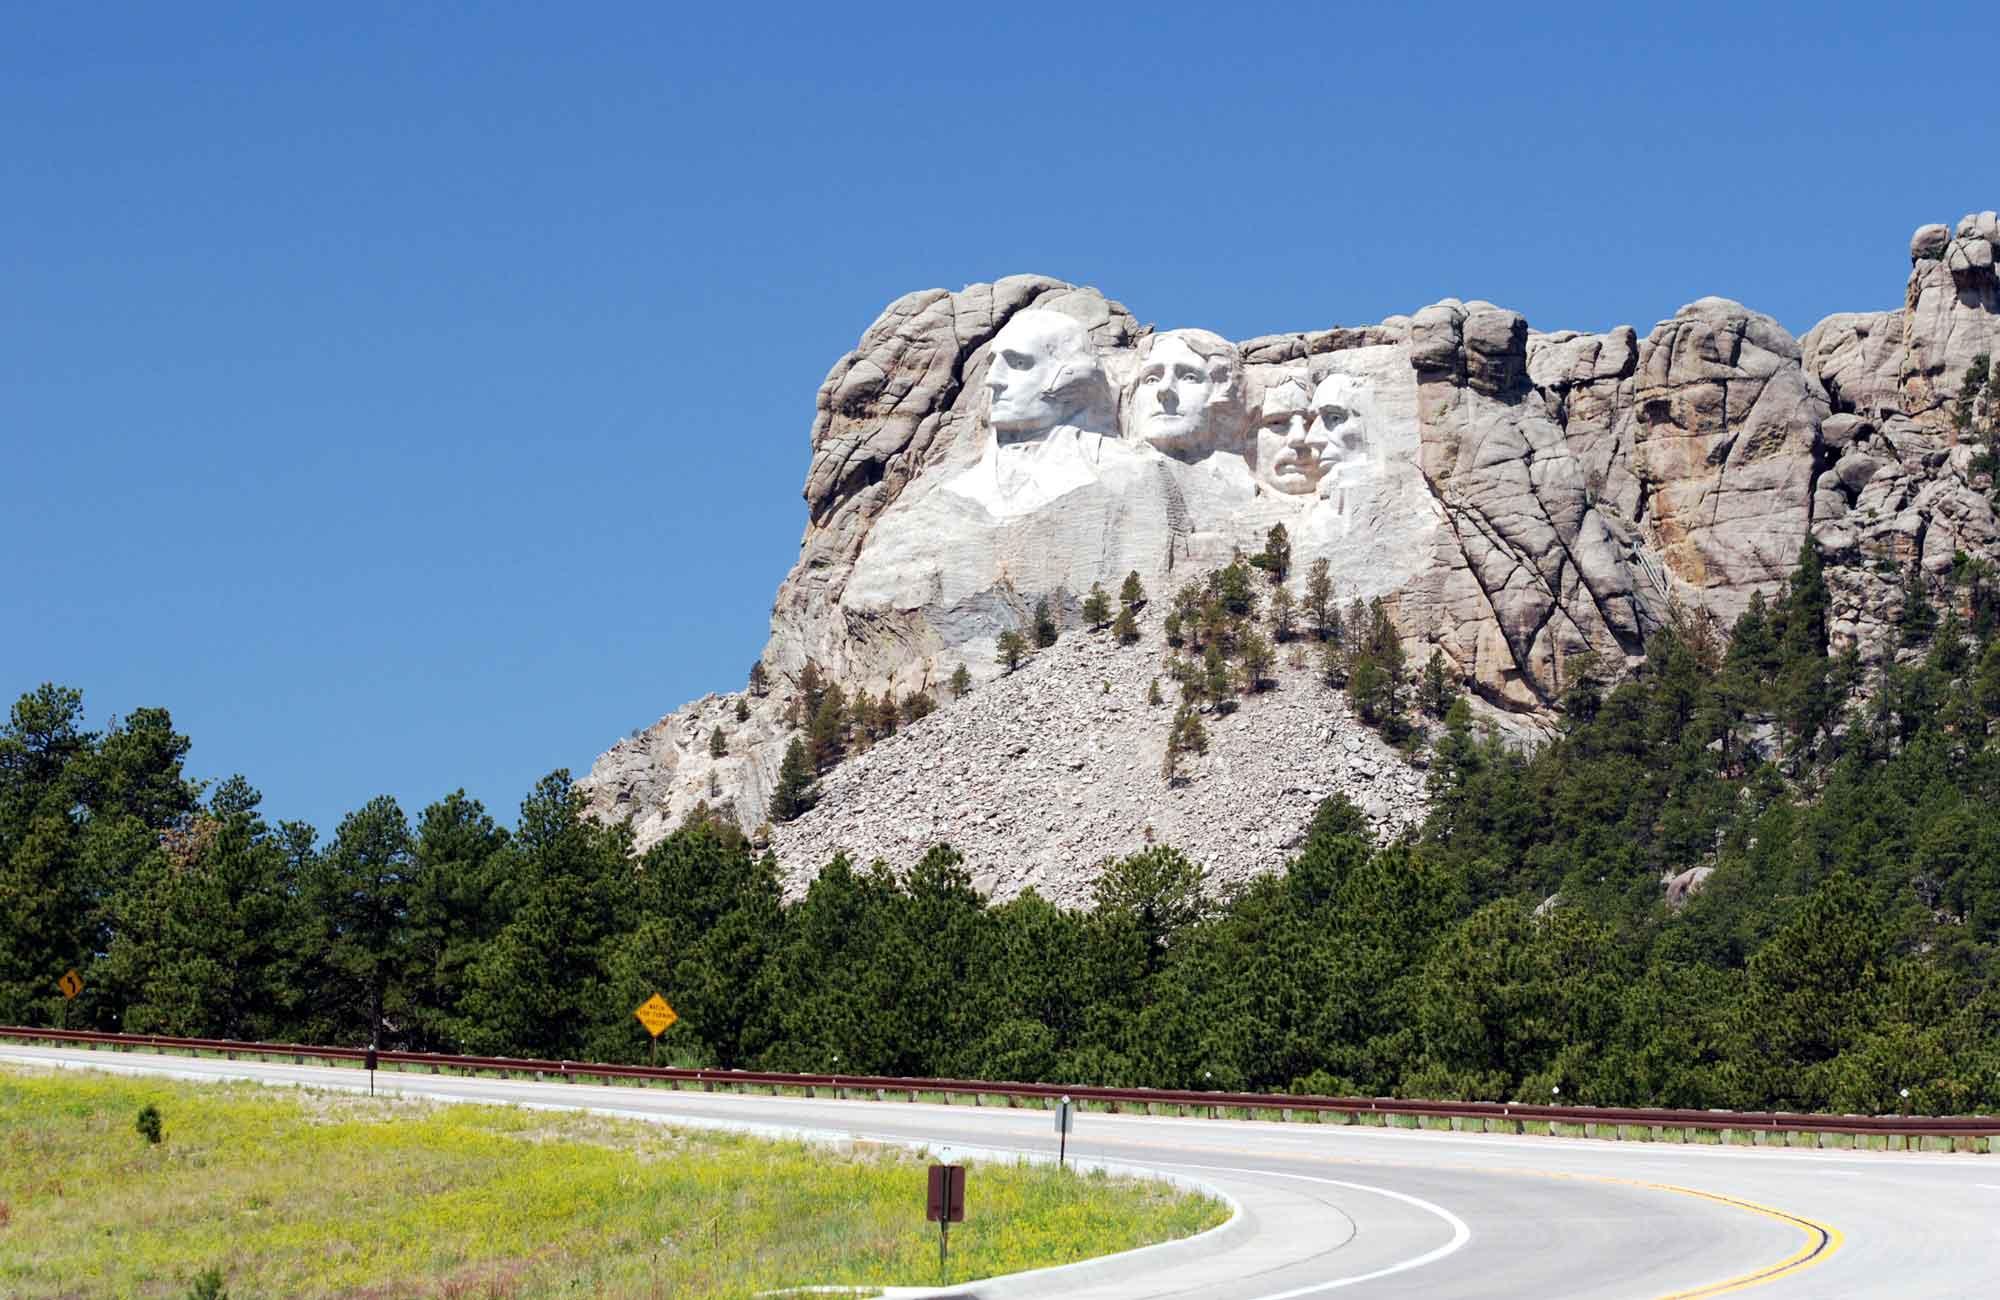 Au bout d'un embranchement : le Mont Rushmore